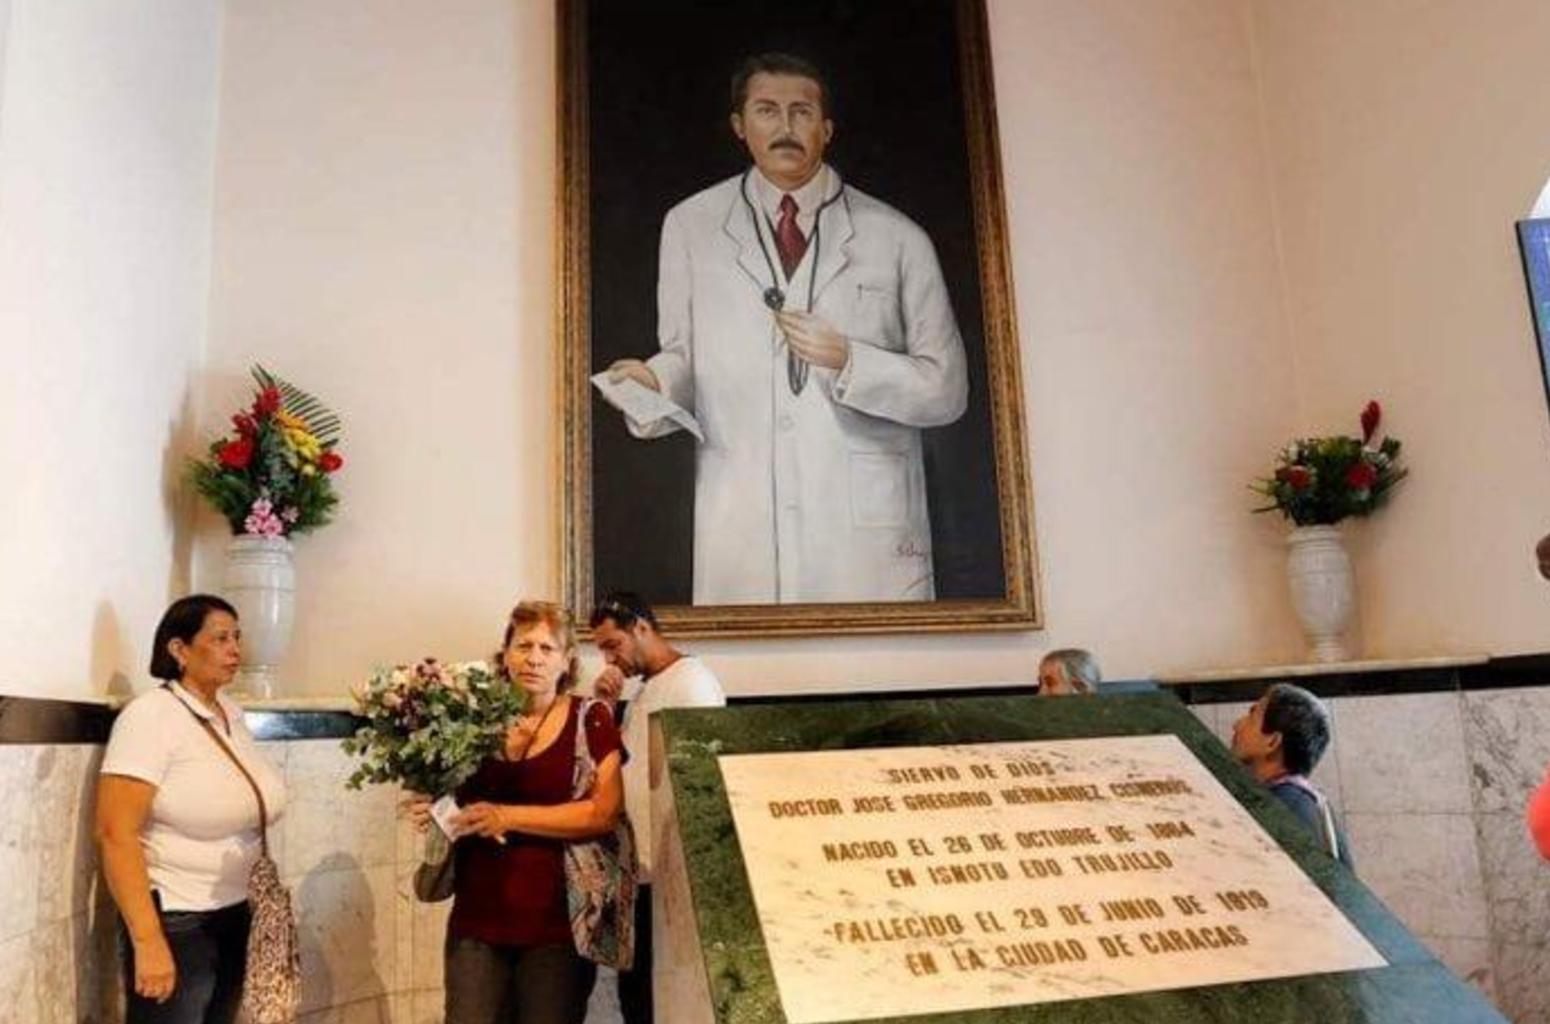 Jose Gregorio Hernandez Cada Vez Mas Cerca De La Beatificacion